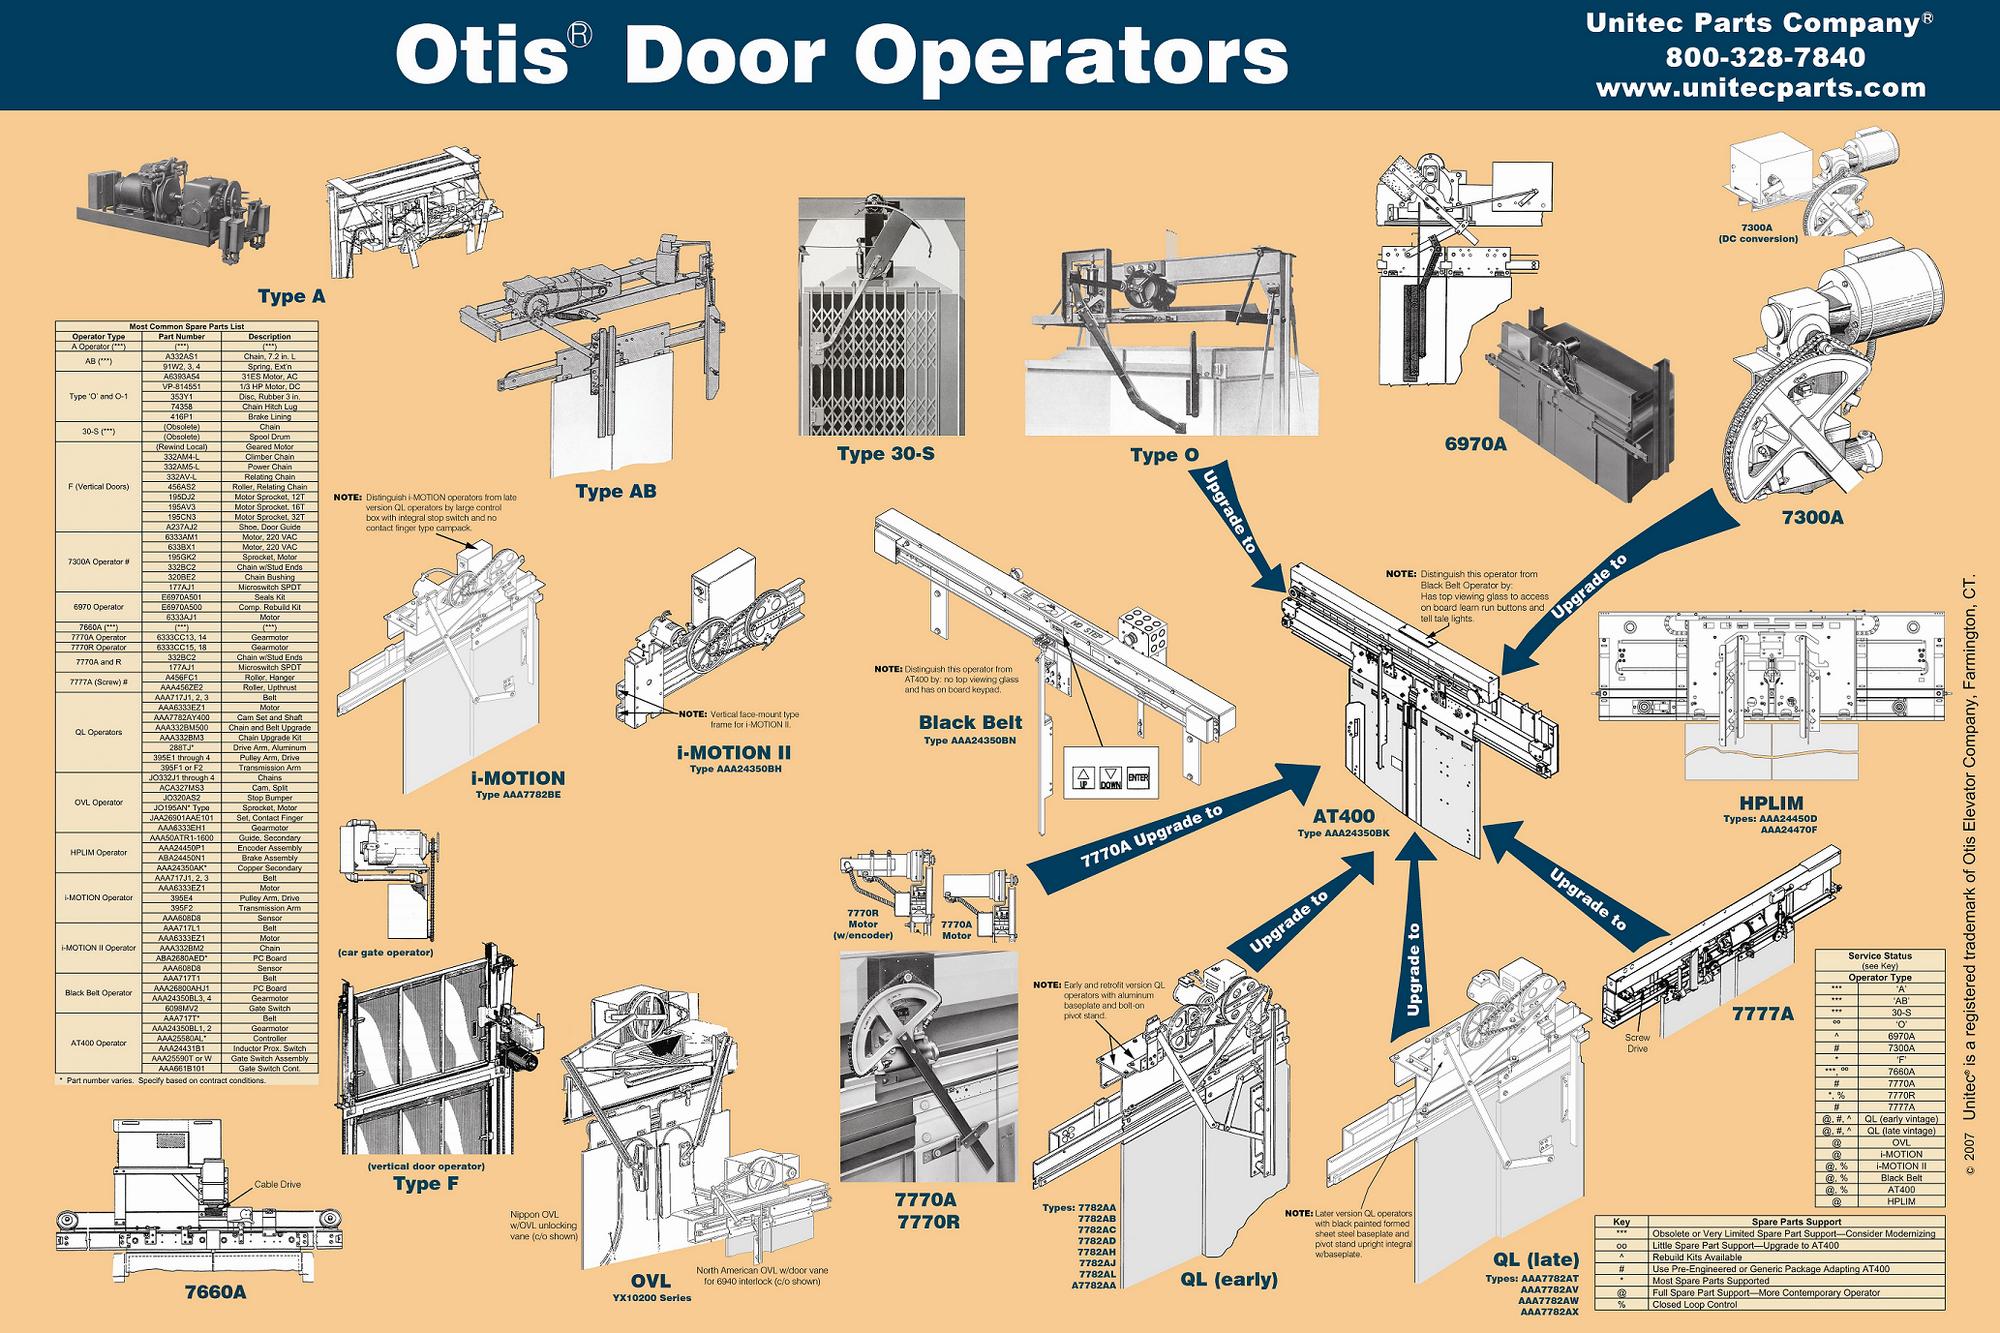 WRG-4838] Otis Wiring Diagram on mitsubishi wiring schematic, ford wiring schematic, ge wiring schematic, trane wiring schematic,